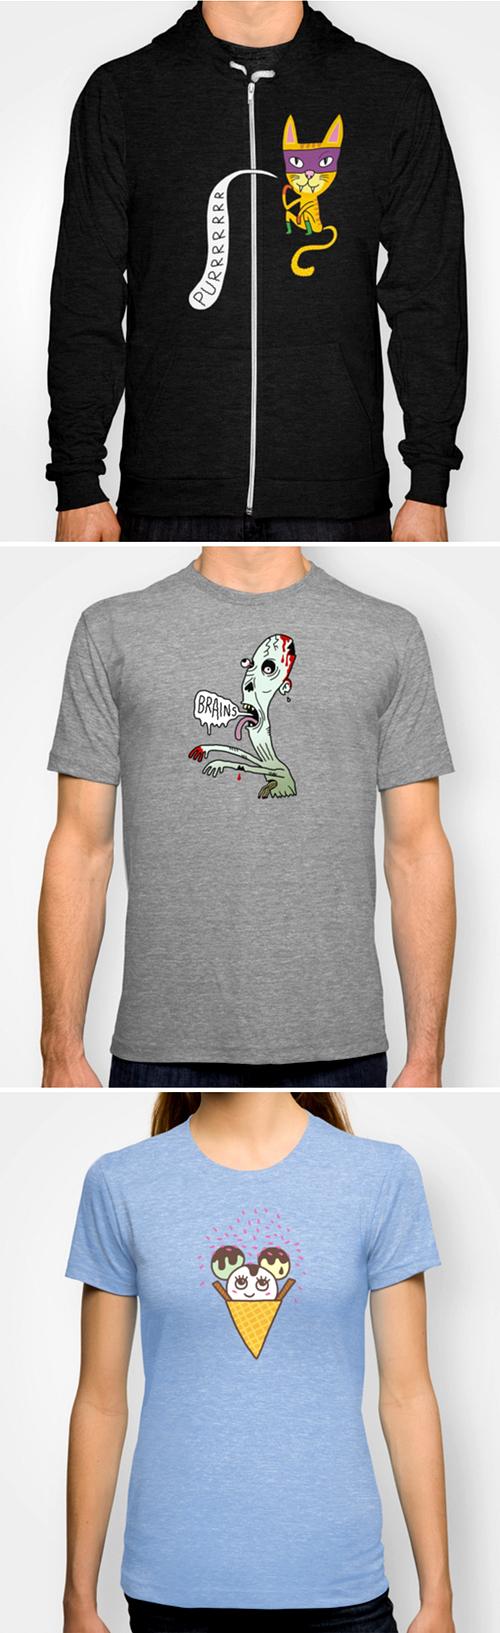 alla tshirts till bloggen